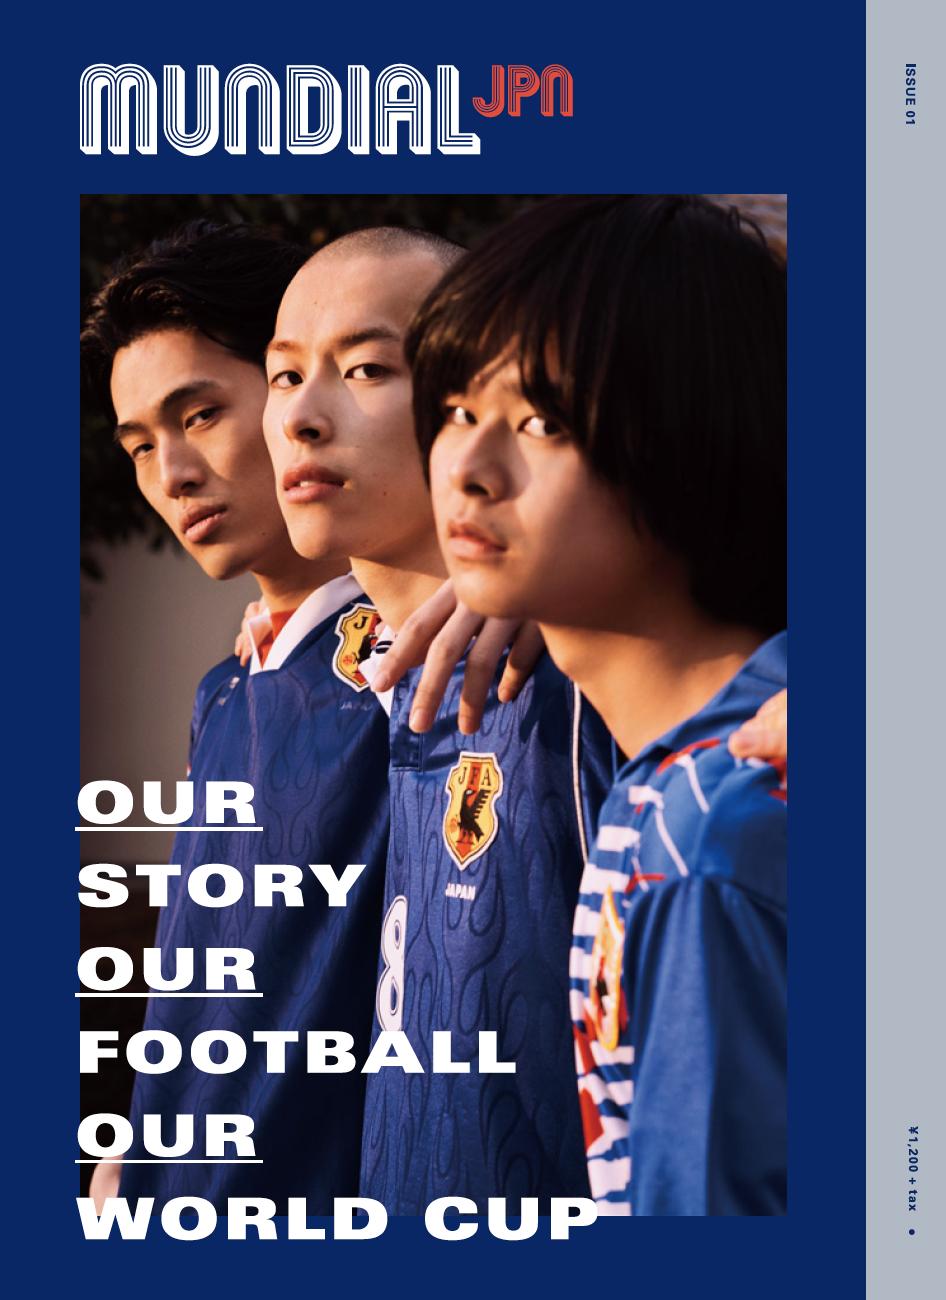 ISSUE 01 - MUNDIAL JPN Issue 01は「ワールドカップ」がテーマ。初刊号となるIssue 01では、6月14日に開催を控えるワールドカップをテーマに、日本がワールドカップに初出場してから20年経った今、日本代表サポーターや、歴代の日本代表チームを支えた選手にフォーカス。また、サッカーが創り上げてきたカルチャーも特集。- Homare Sawa- Shinji Ono- Kazuyuki Toda- Keisuke Tsuboi- Yuki Abe- Eiji Kawashima+ Much More!¥1,200 + Tax購入する